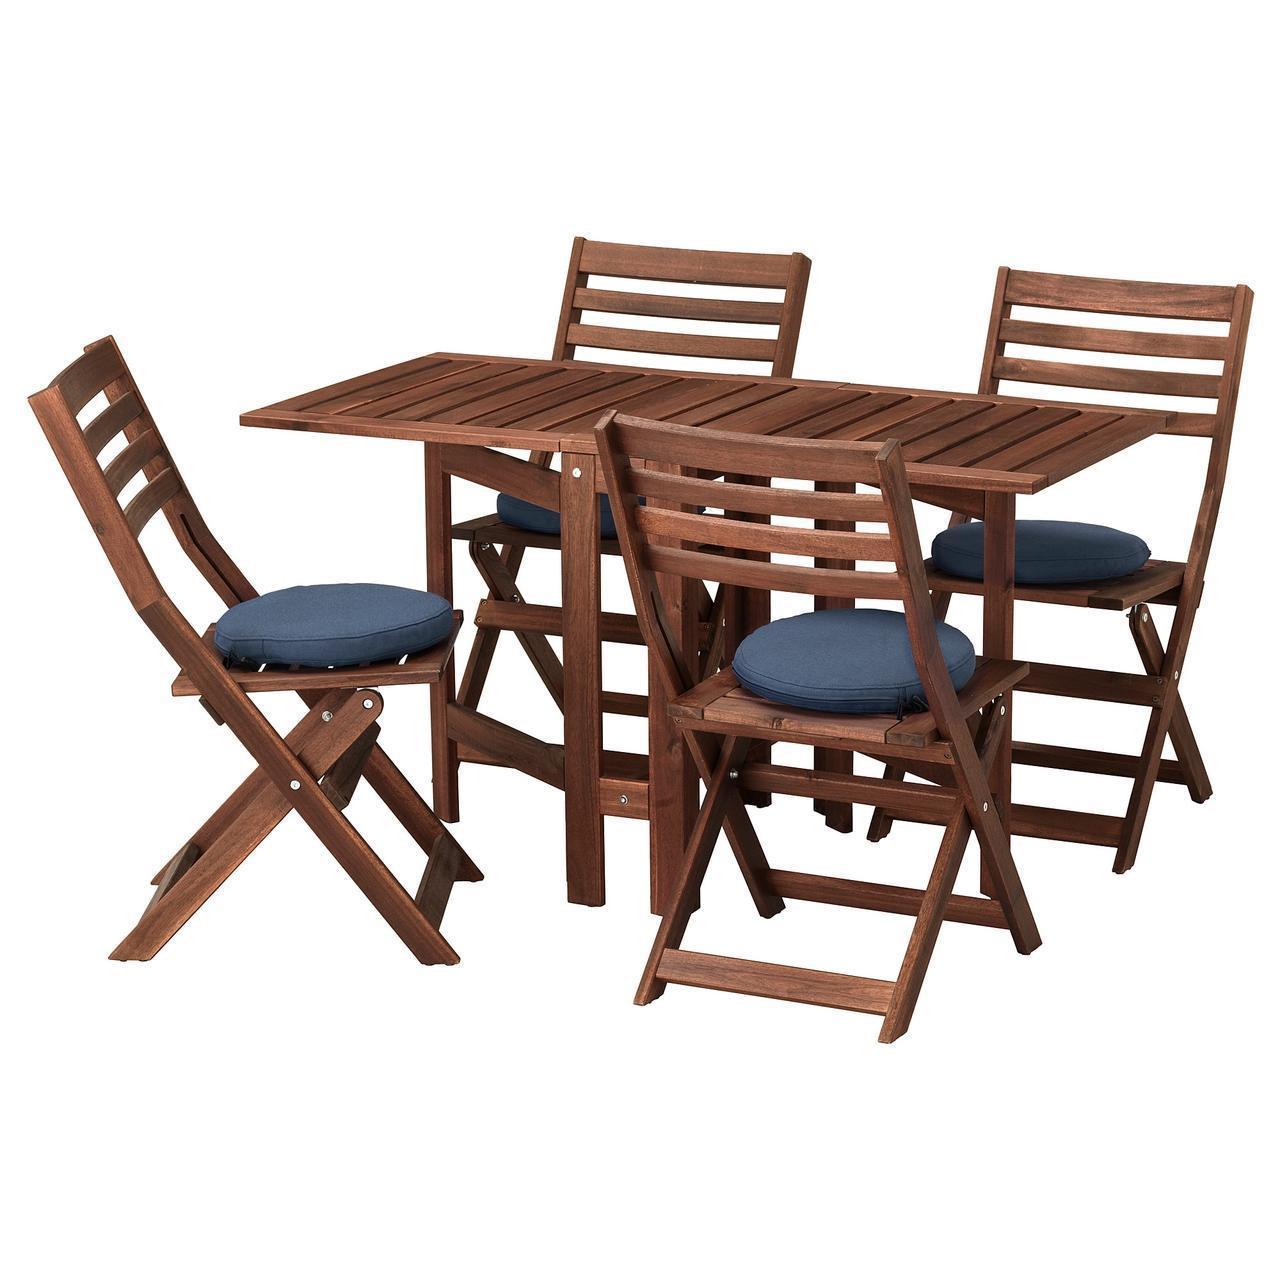 IKEA APPLARO Садовый стол и 4 раскладных стулья, коричневая морилка, (492.685.87)